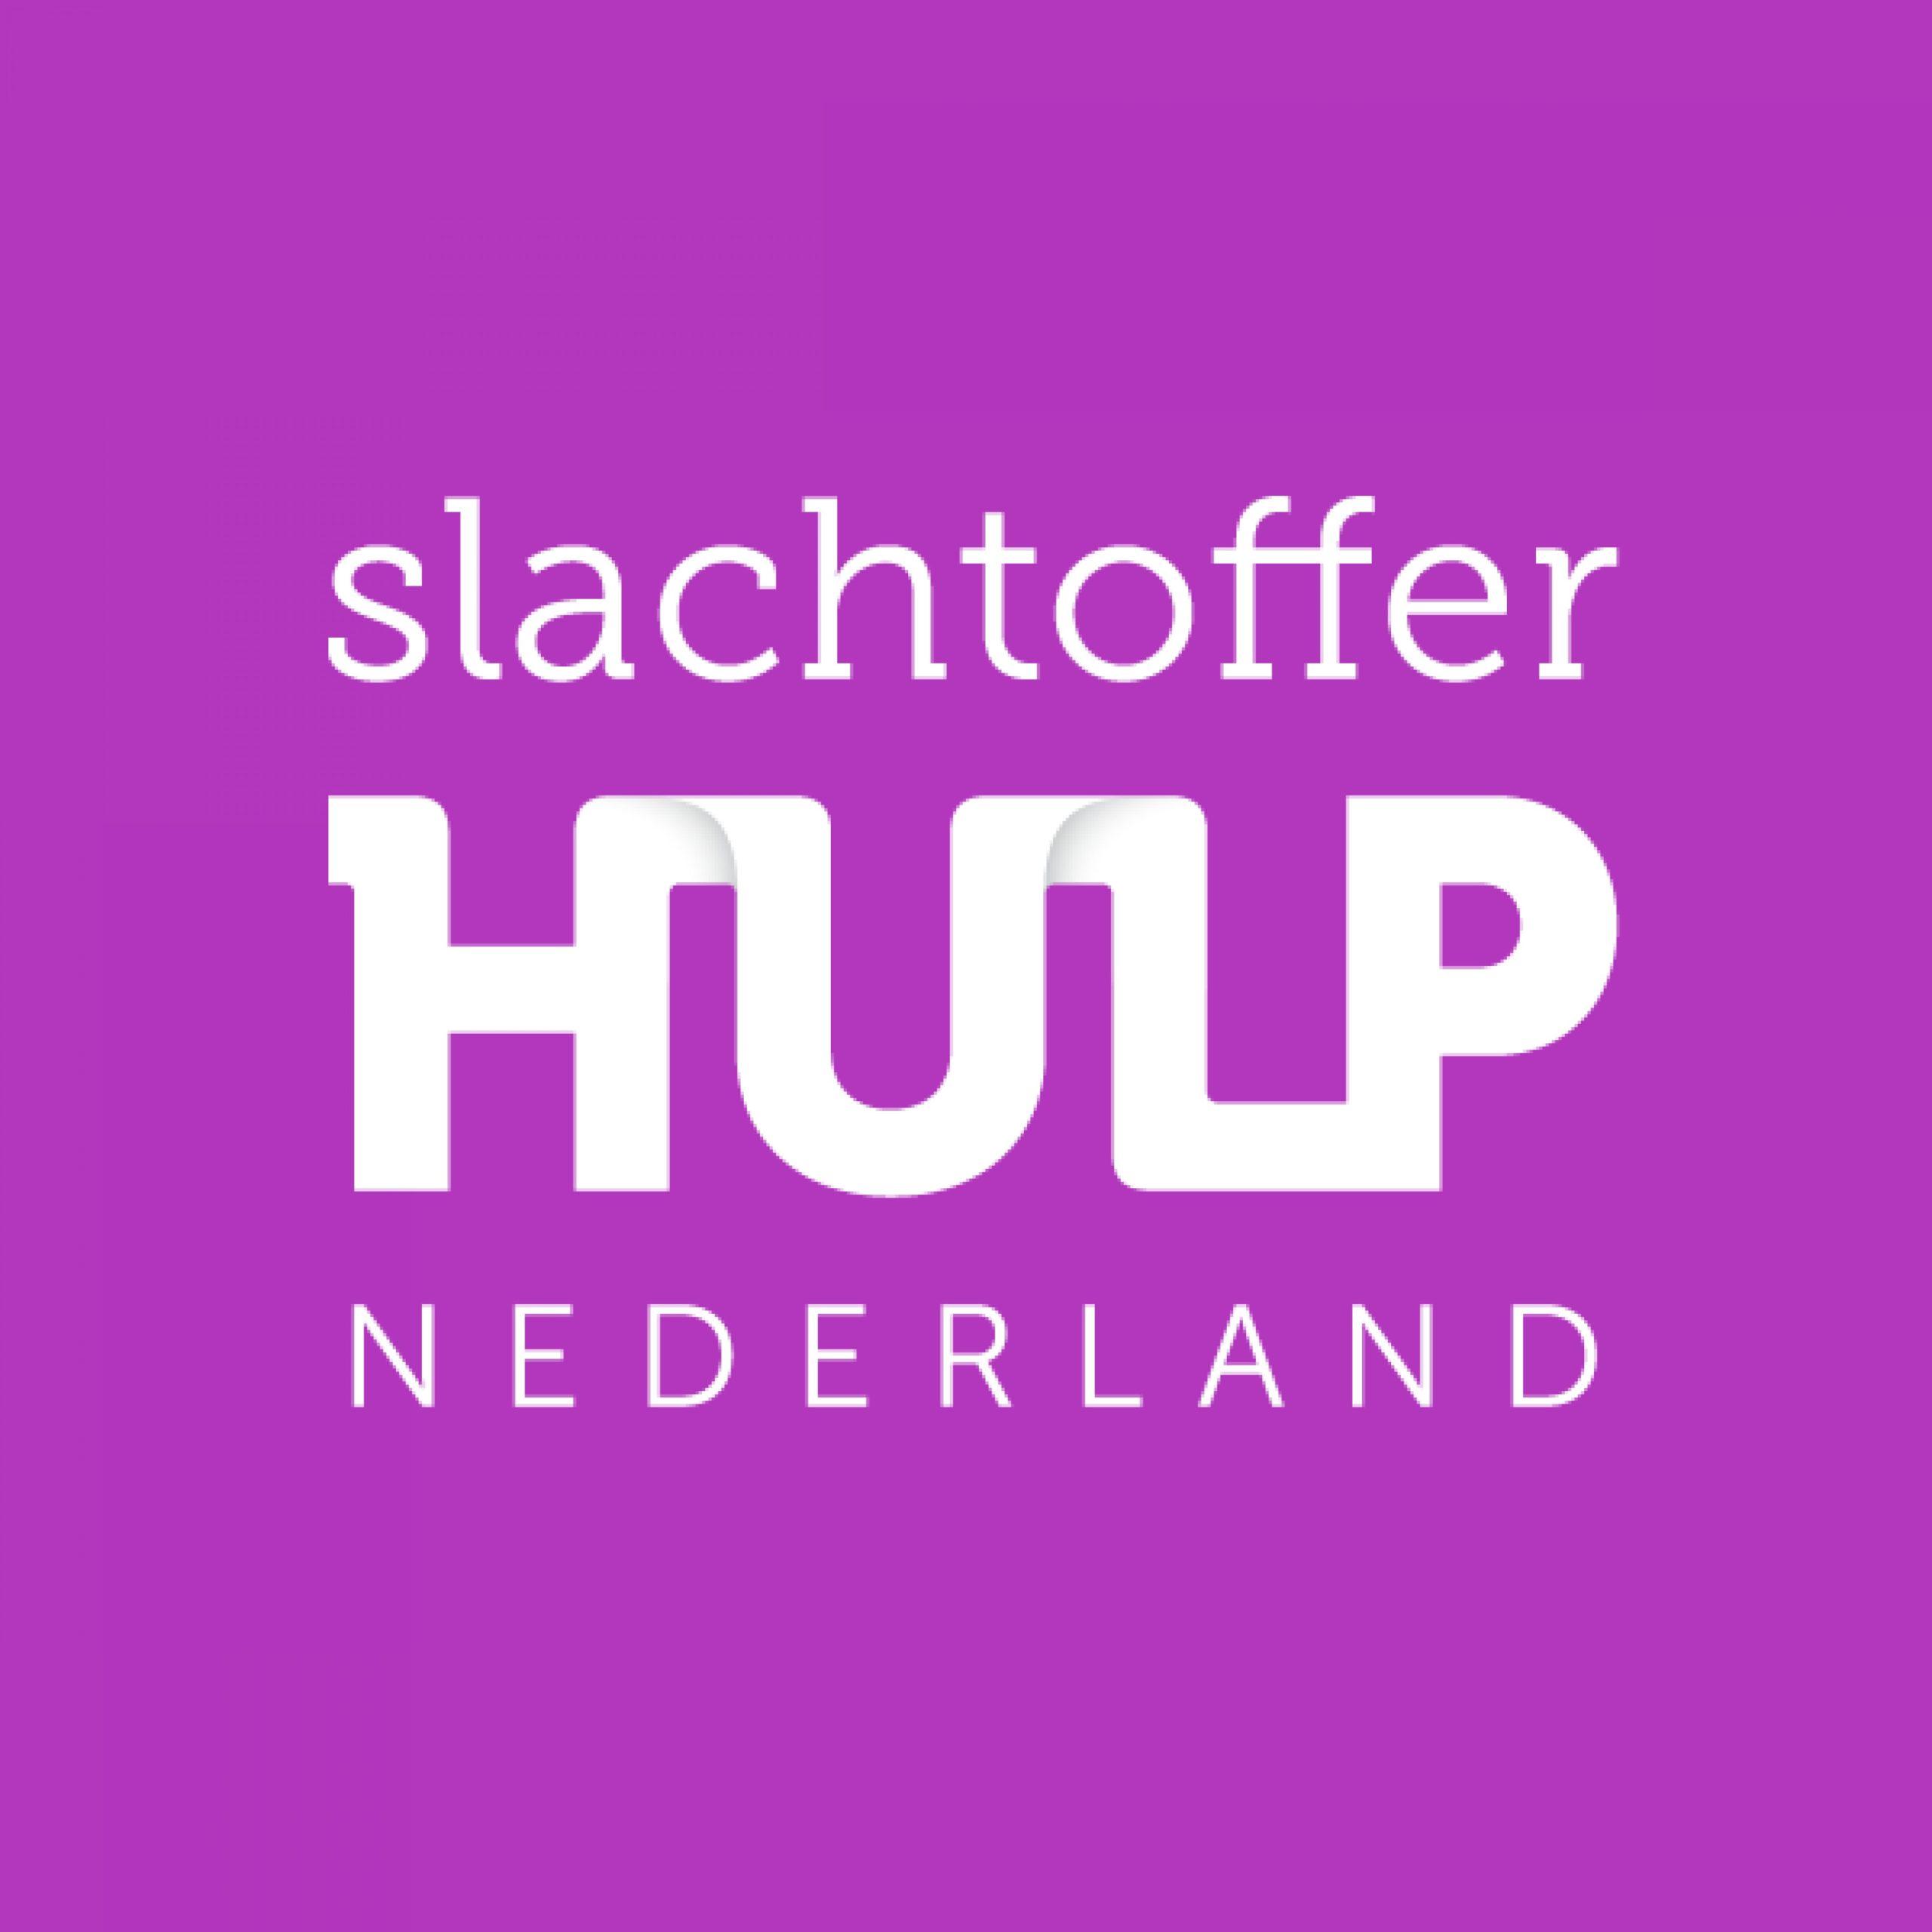 Letters op een roze achtergrond; het logo van Slachtofferhulp Nederland